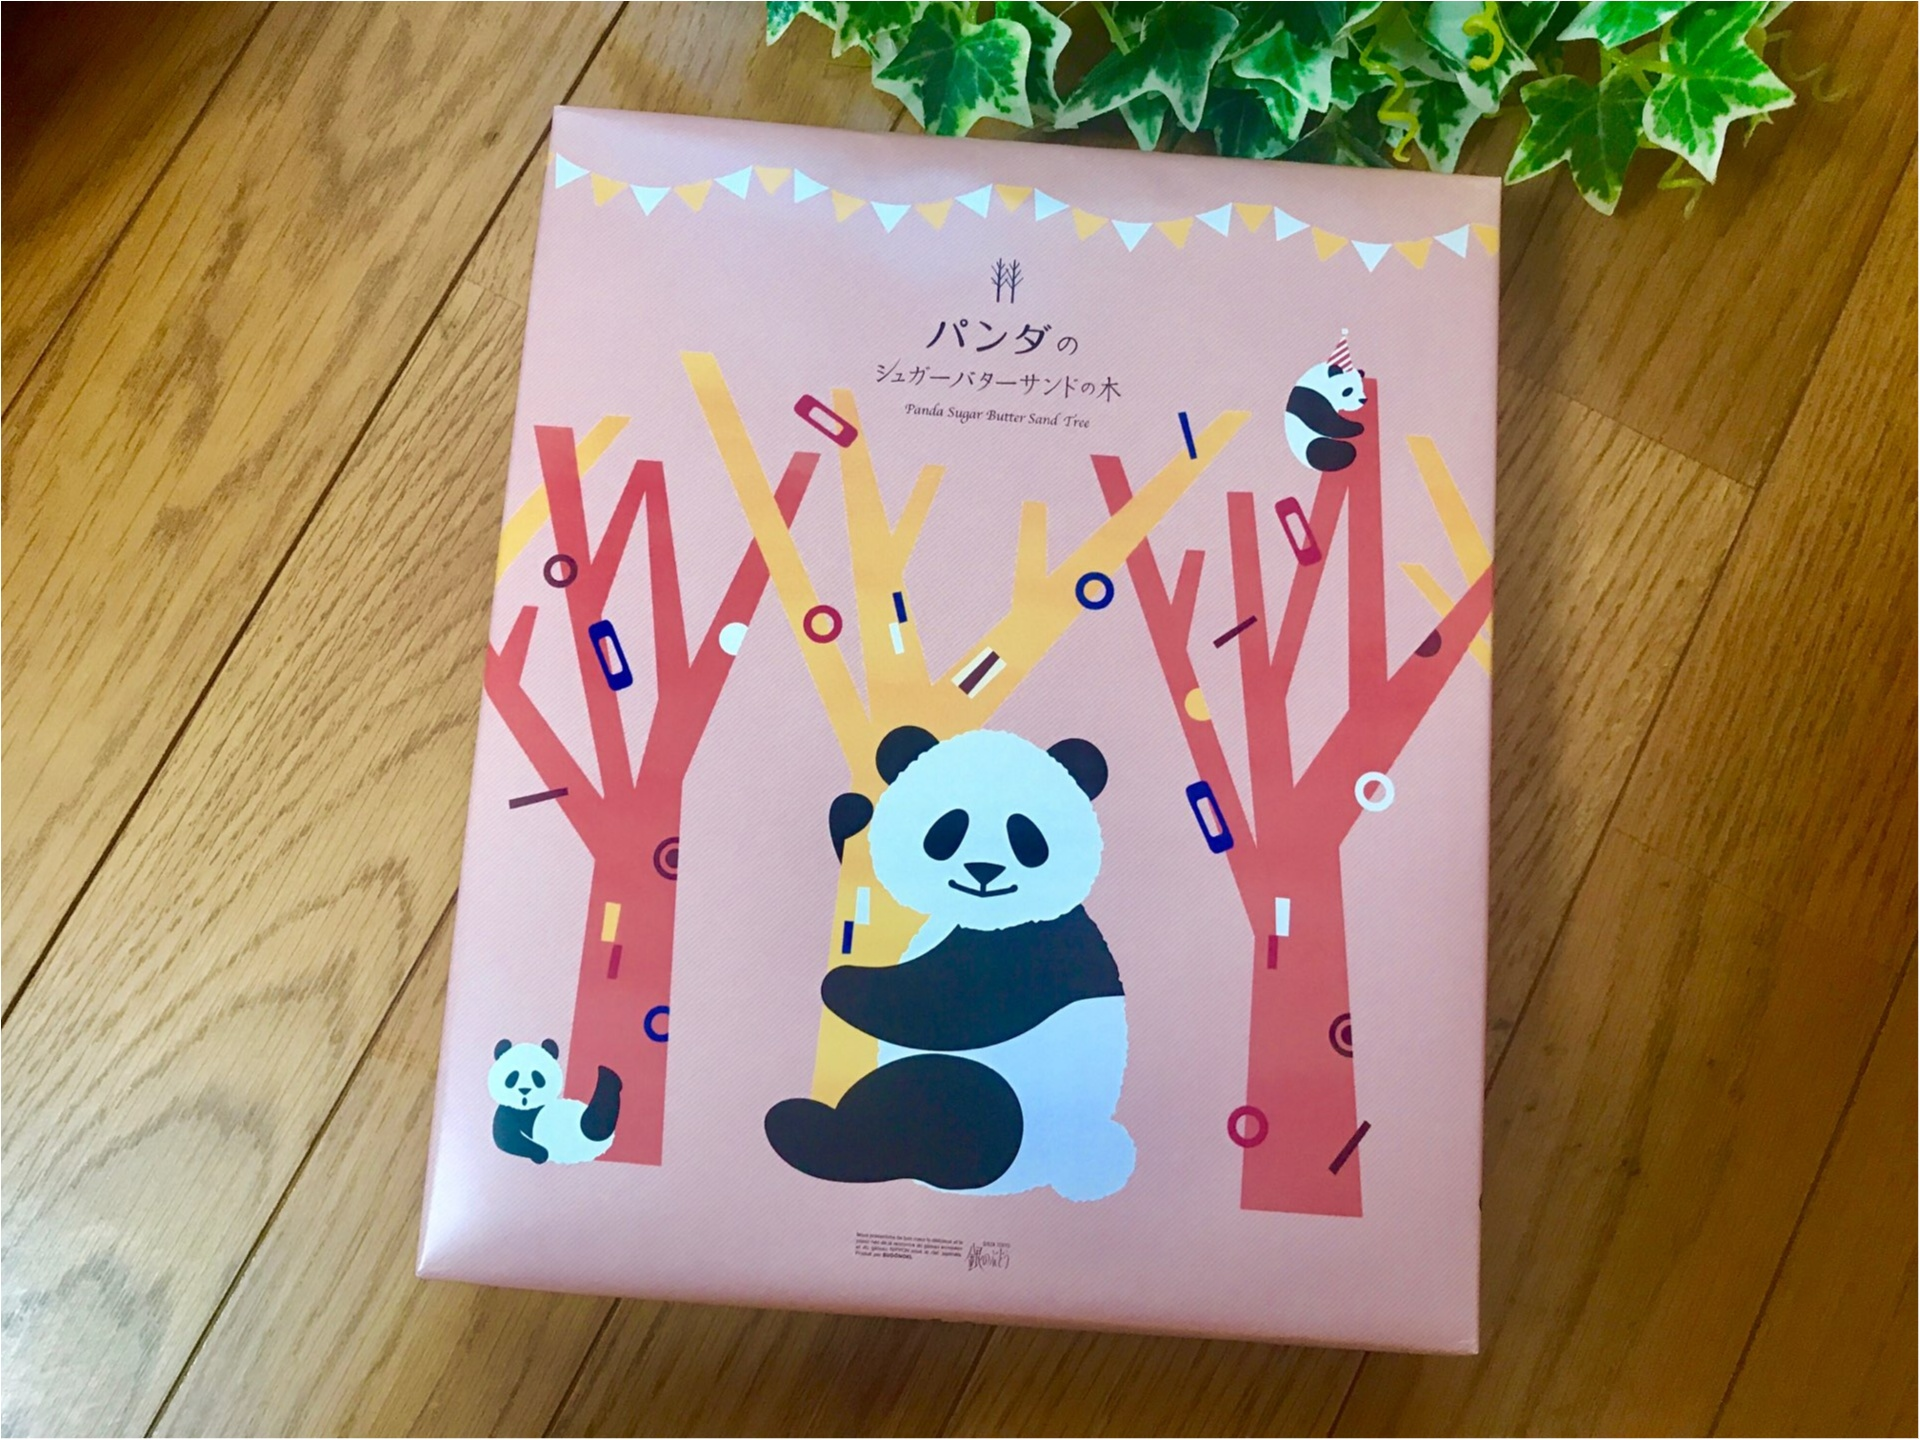 """【帰省土産】はコレで決まり!""""パンダ""""モチーフの《シュガーバターサンドの木》♡_4"""